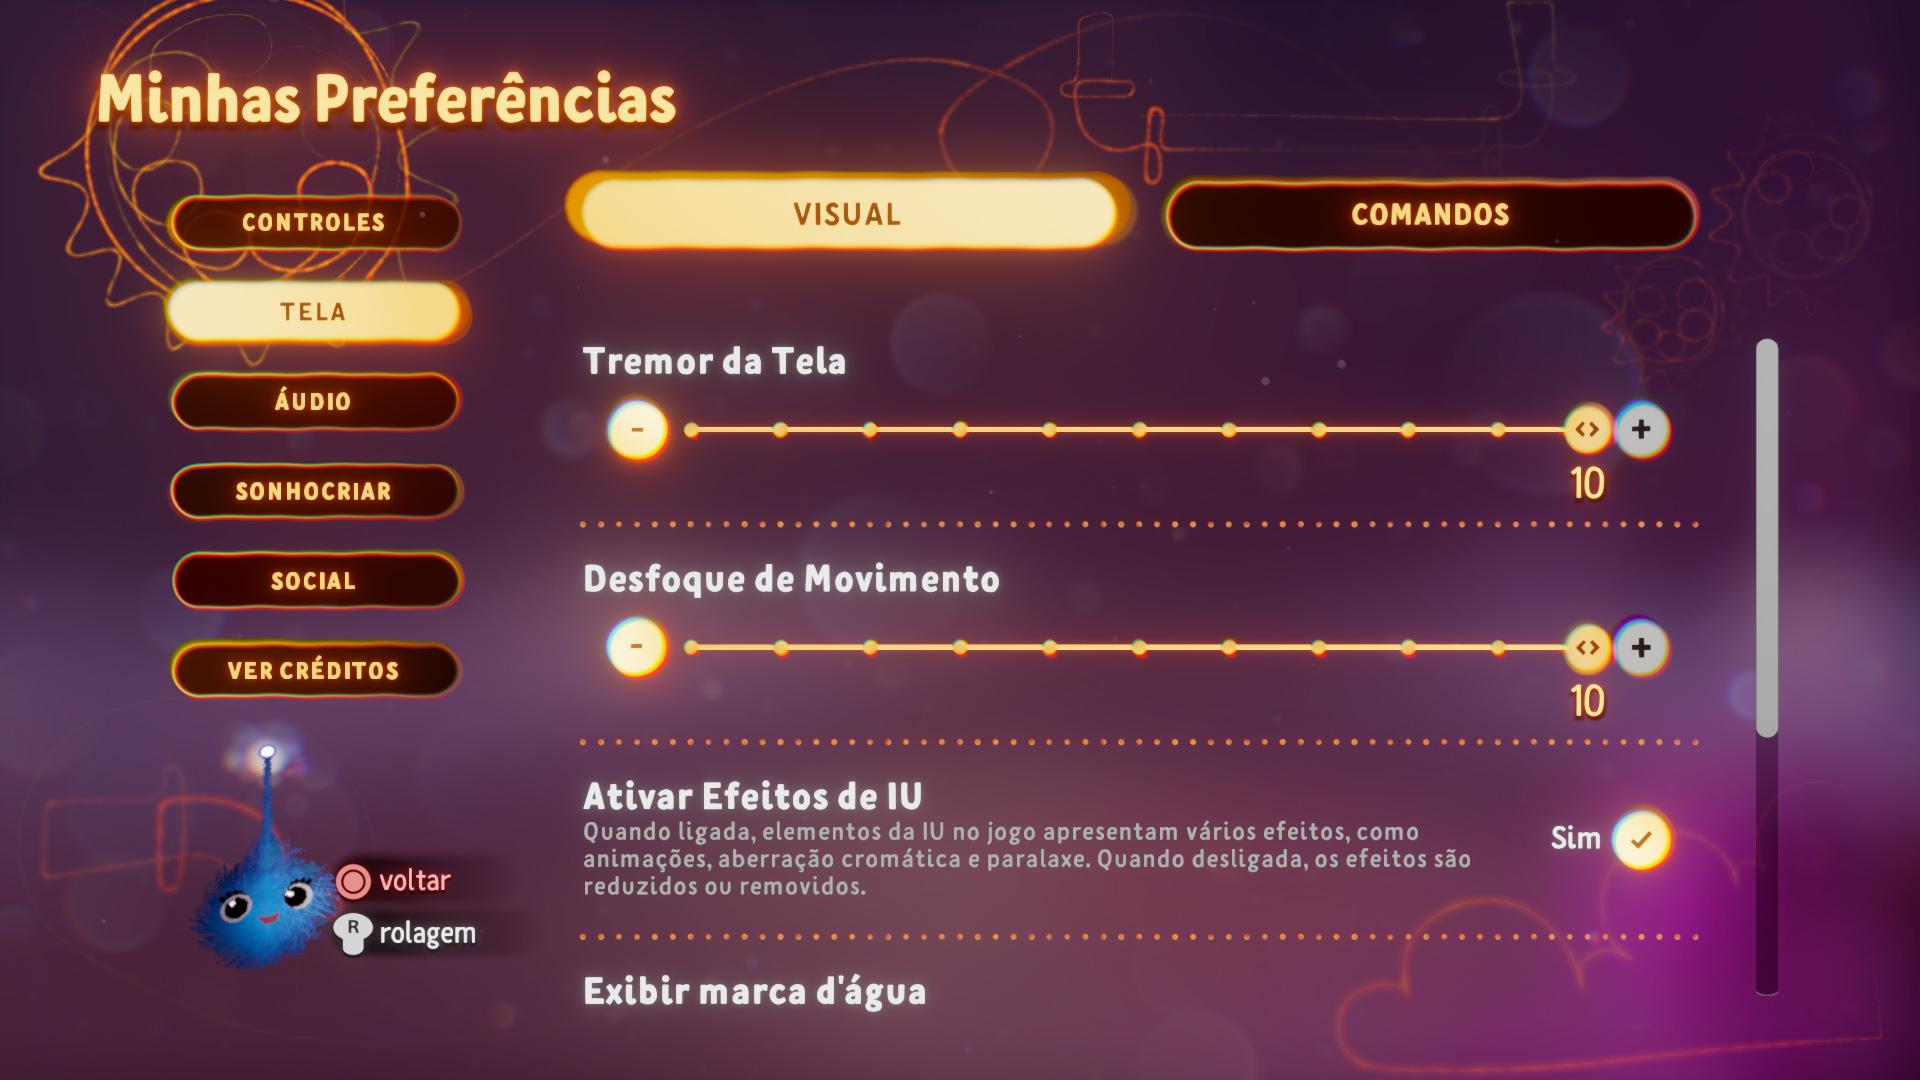 Captura de tela mostrando as Opções Visuais no Menu Preferências